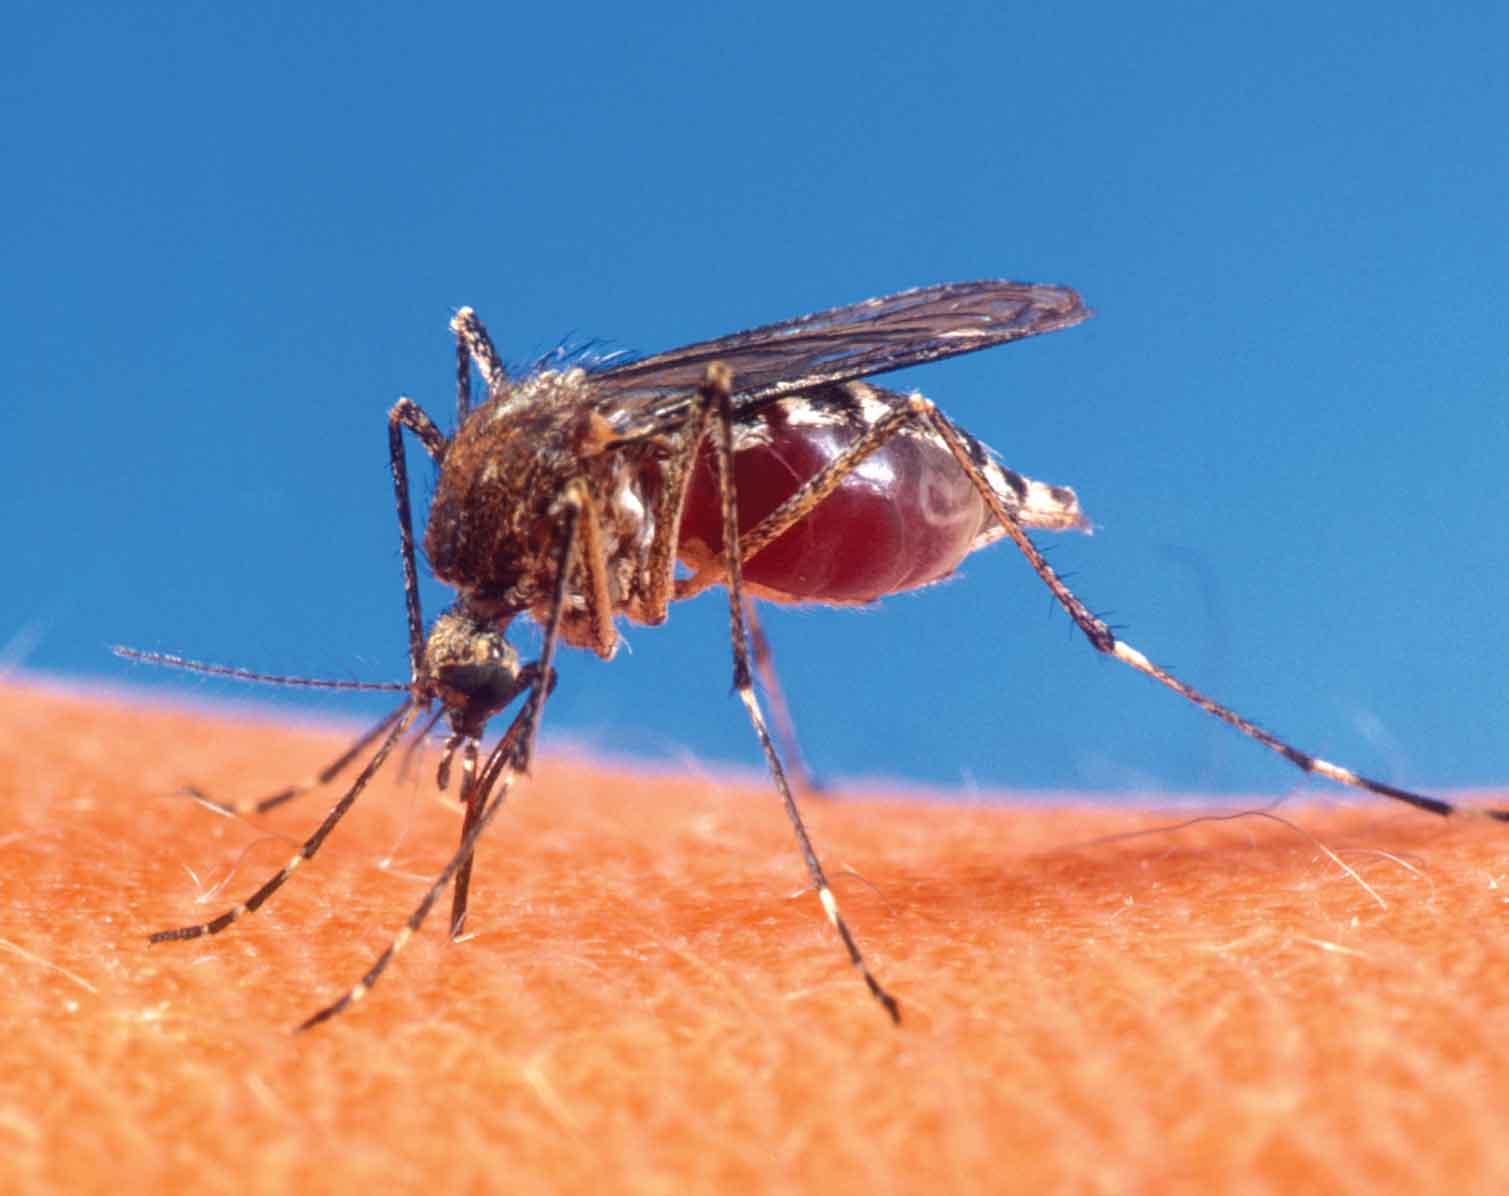 Hallan virus del Zika en segunda especie de mosquito